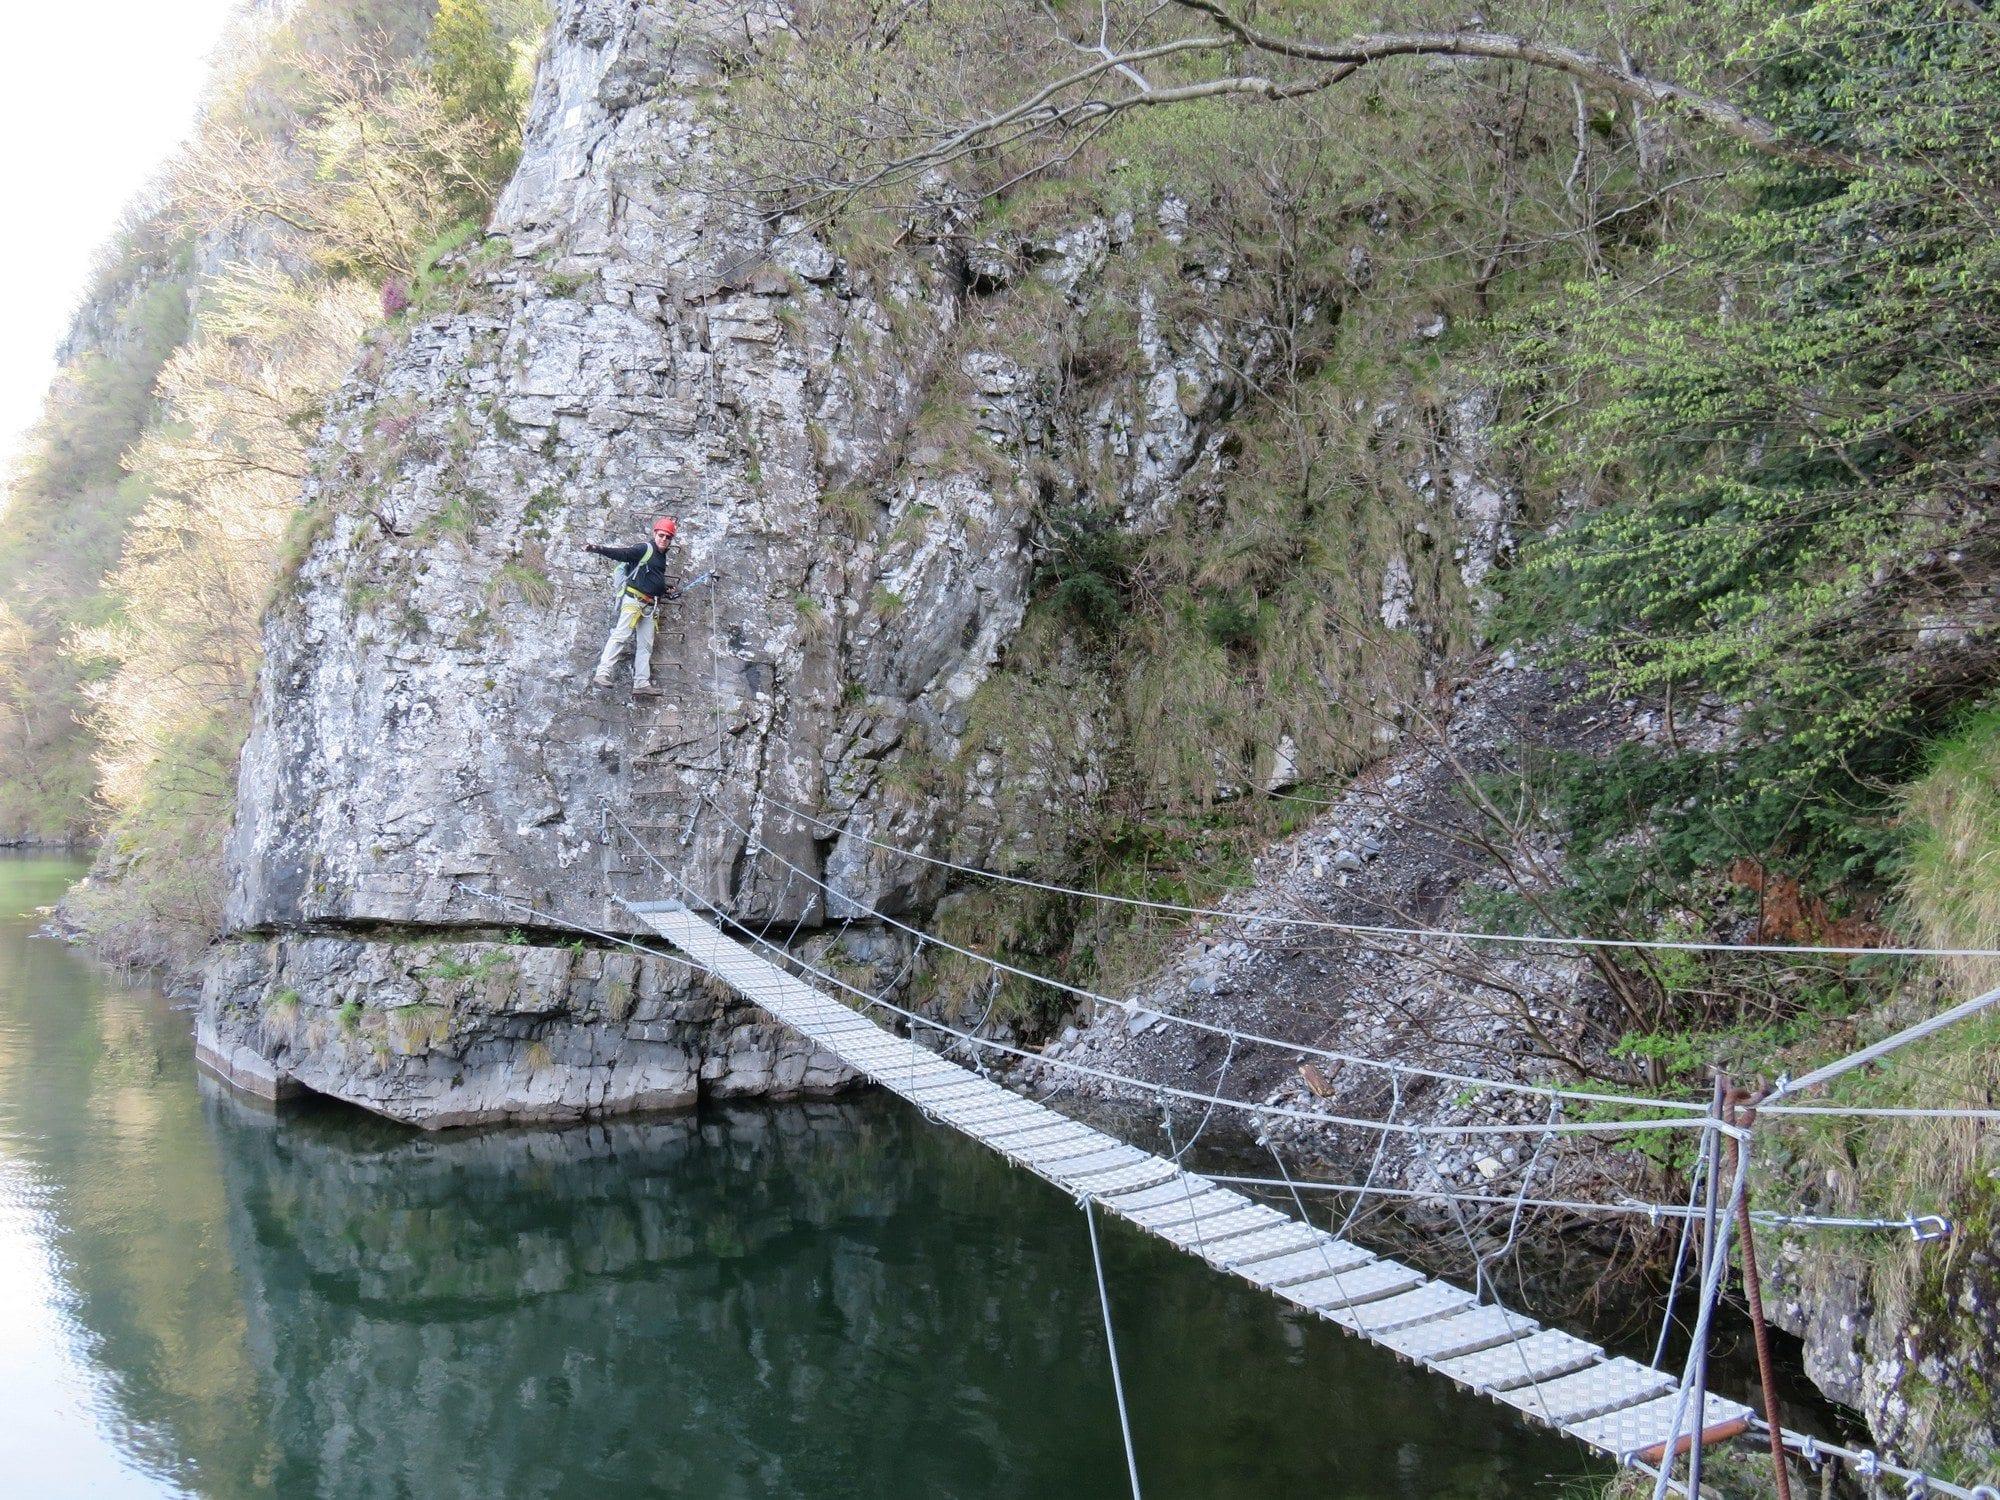 ויה פראטה Sasse - טיול אתגר באיטליה - ערוצים בטבע